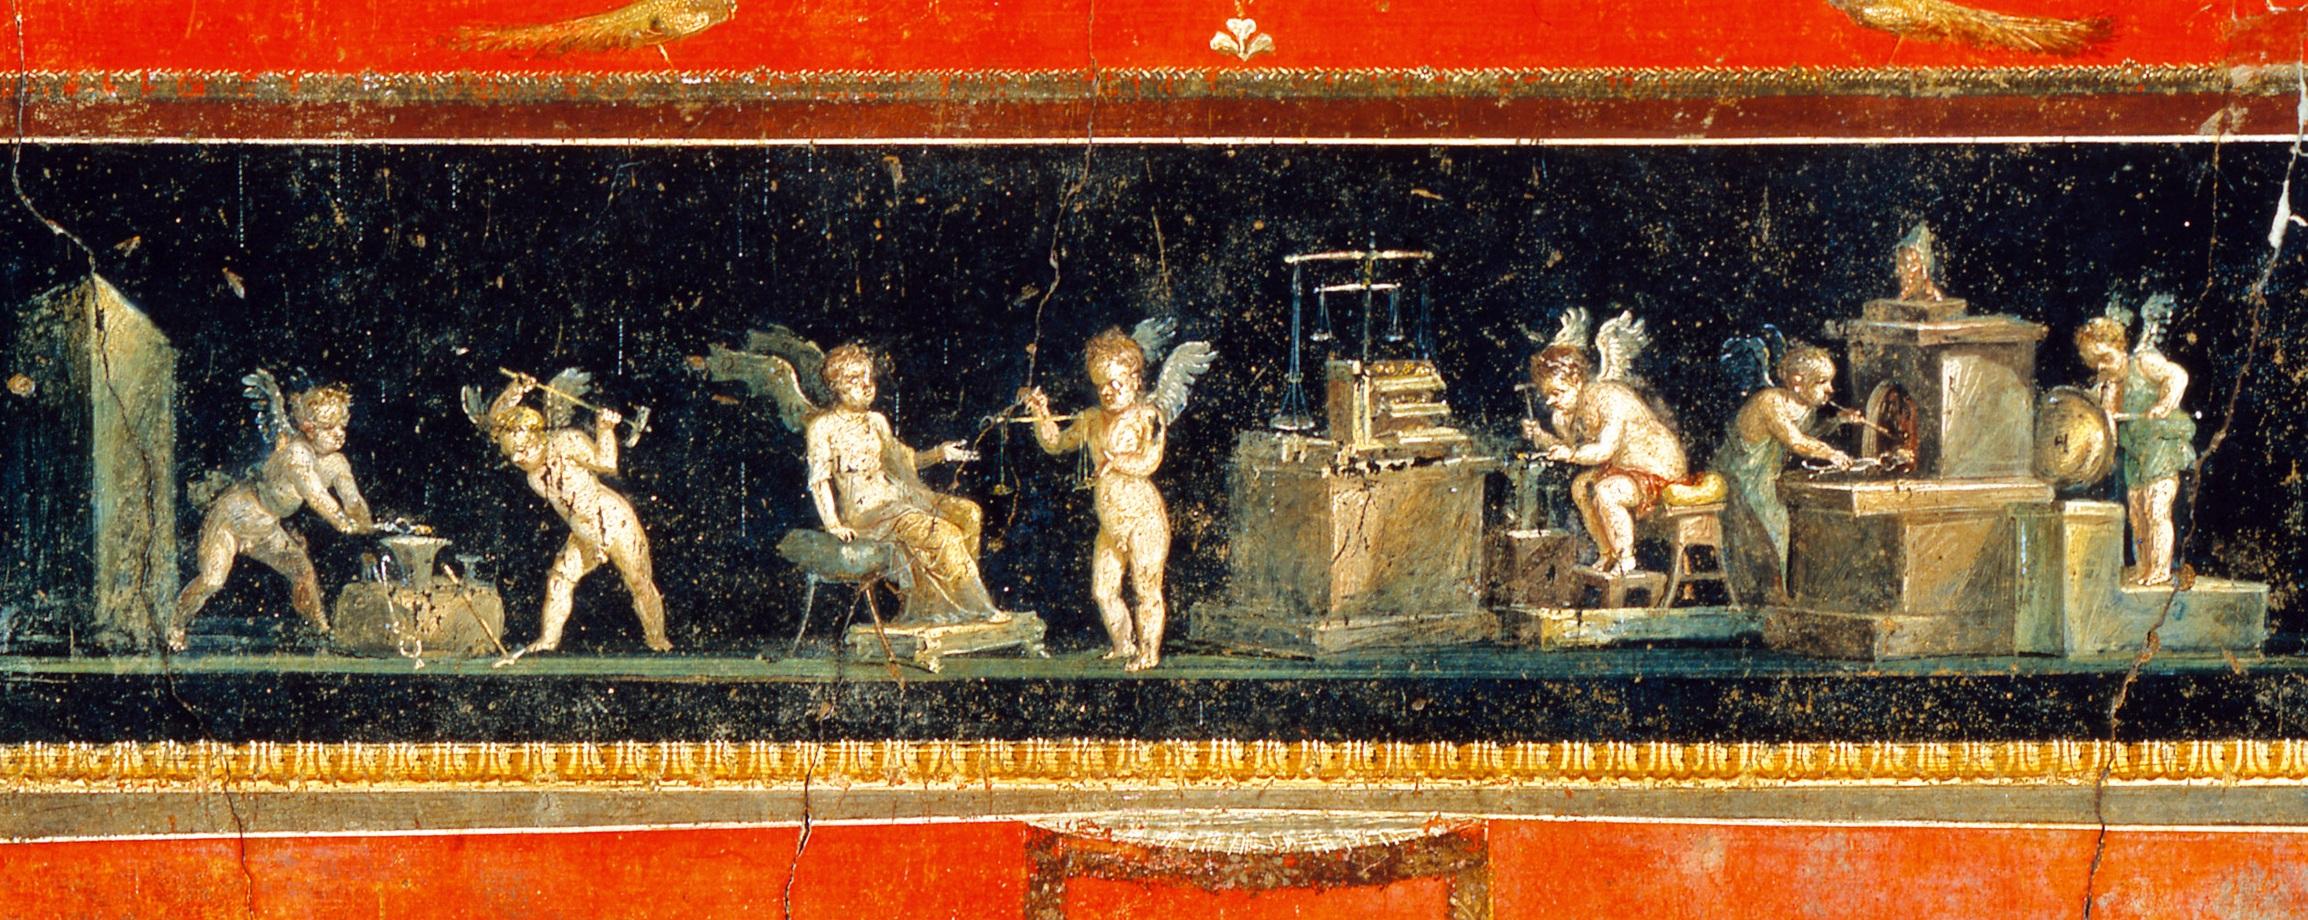 Amorcillos orfebres. Pintura al fresco de uno de los triclinios de la Casa de los Vettii, de Pompeya.